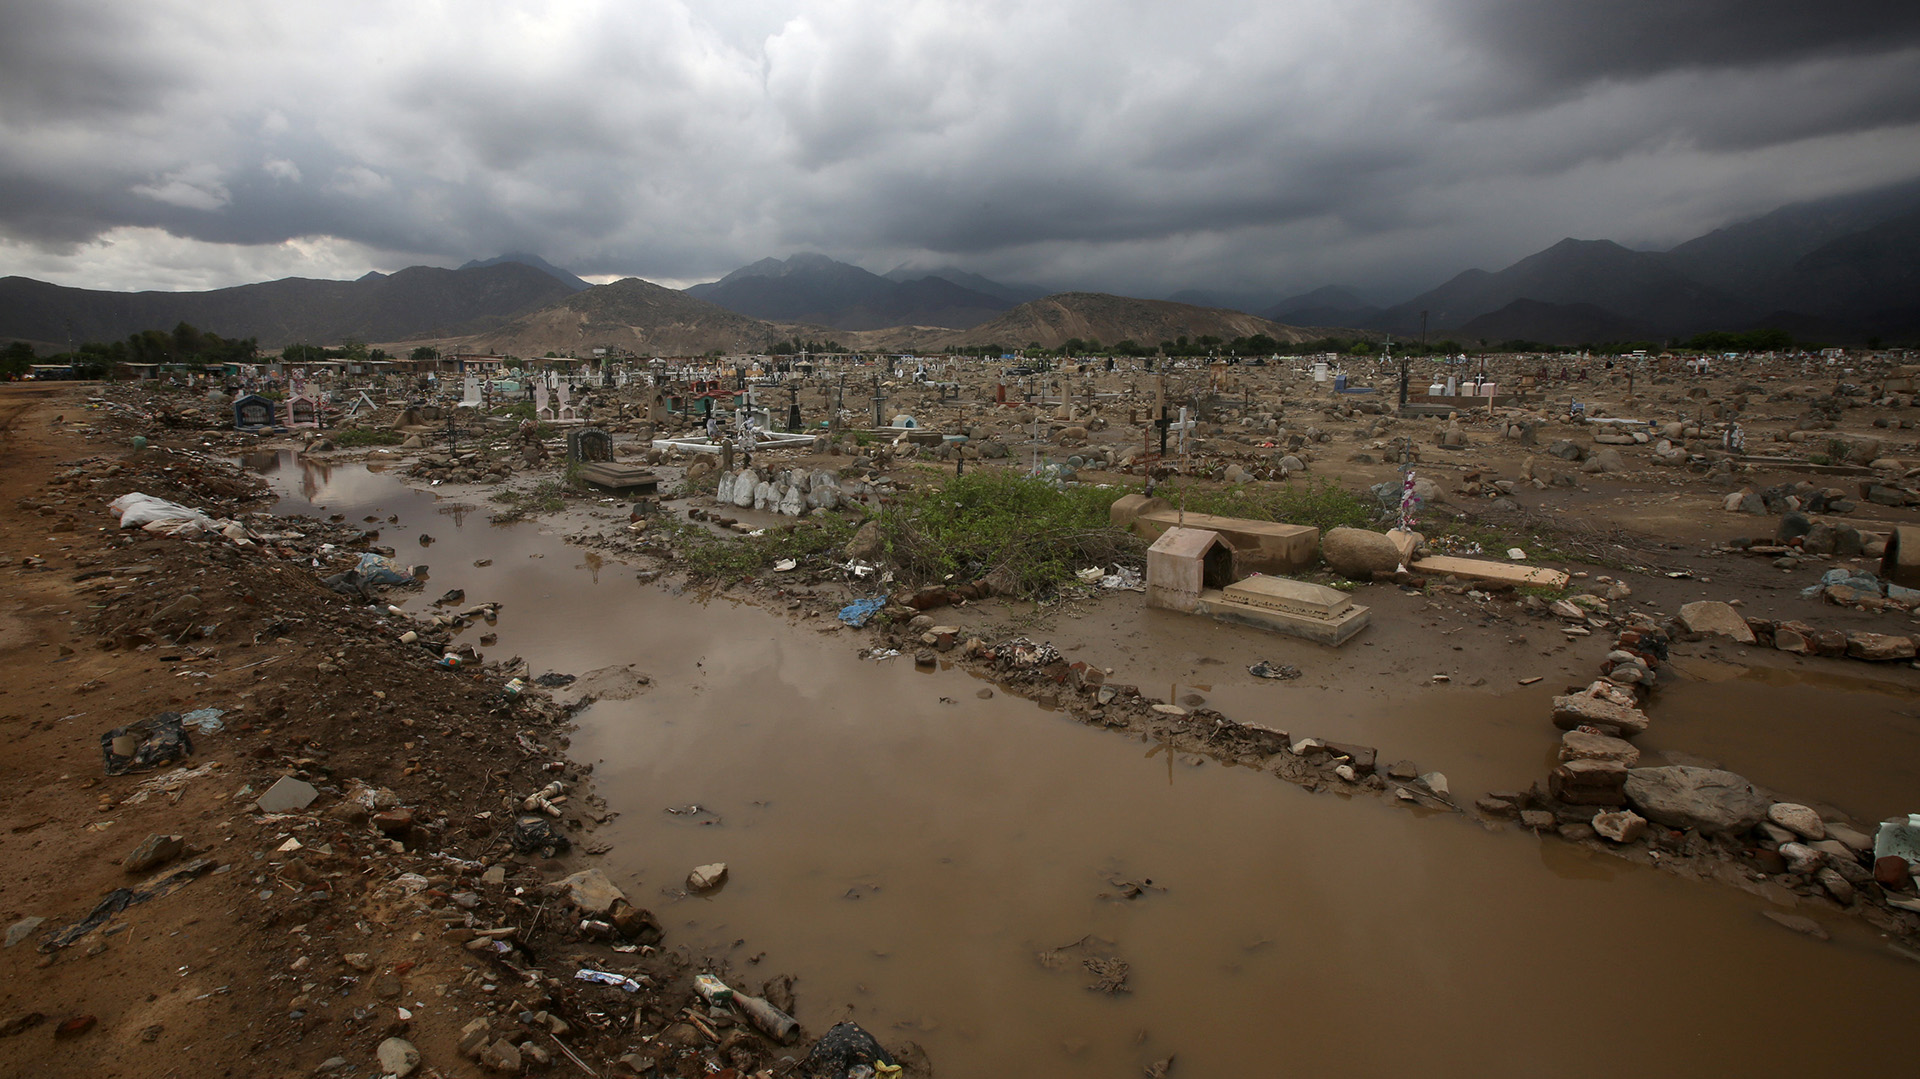 Perú afronta uno de los desastres naturales más fuertes de las últimas décadas, con lluvias, inundaciones y aludes que afectan a 20 de las 25 regiones del país y han causado, hasta el momento, al menos 43 muertos, 72 heridos, 11 desaparecidos y más de 56.293 damnificados, según los últimos reportes oficiales (Reuters)